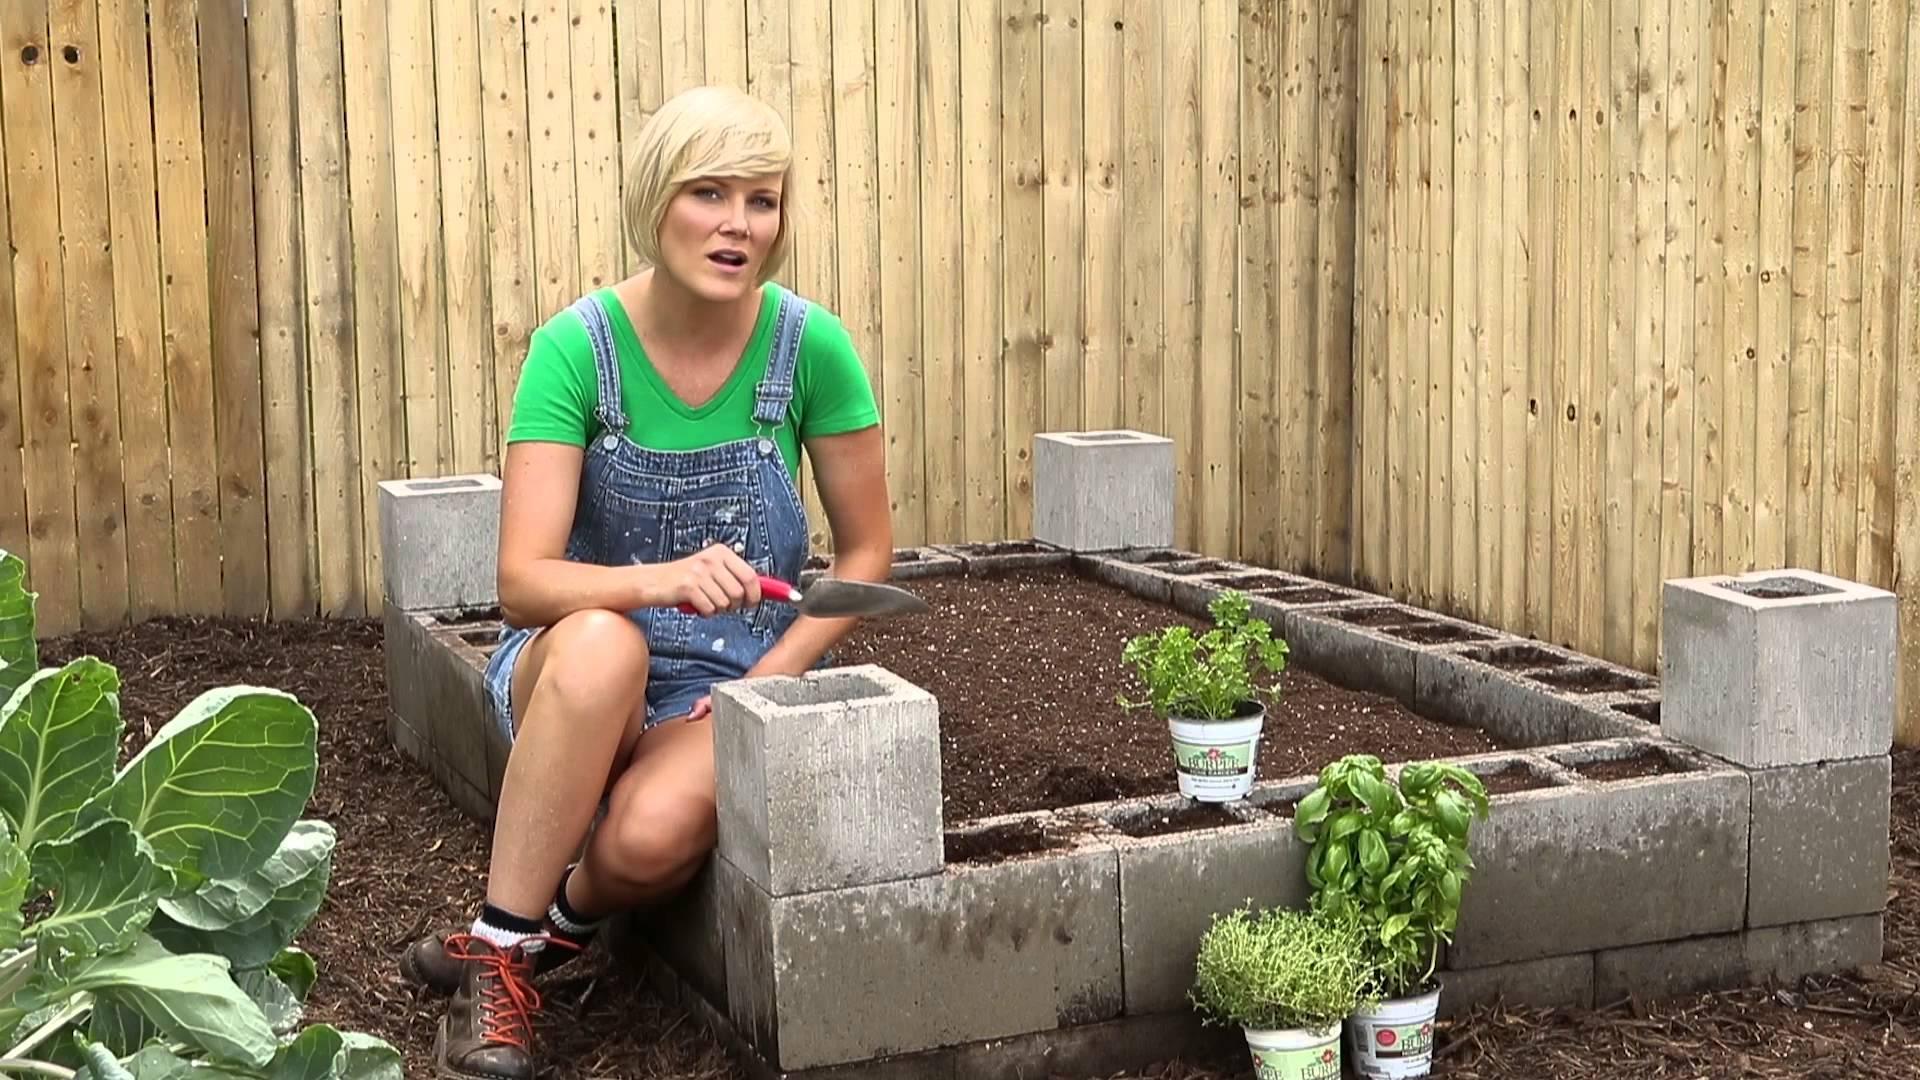 Ndërtoni kopshtin nga blloqe betoni2